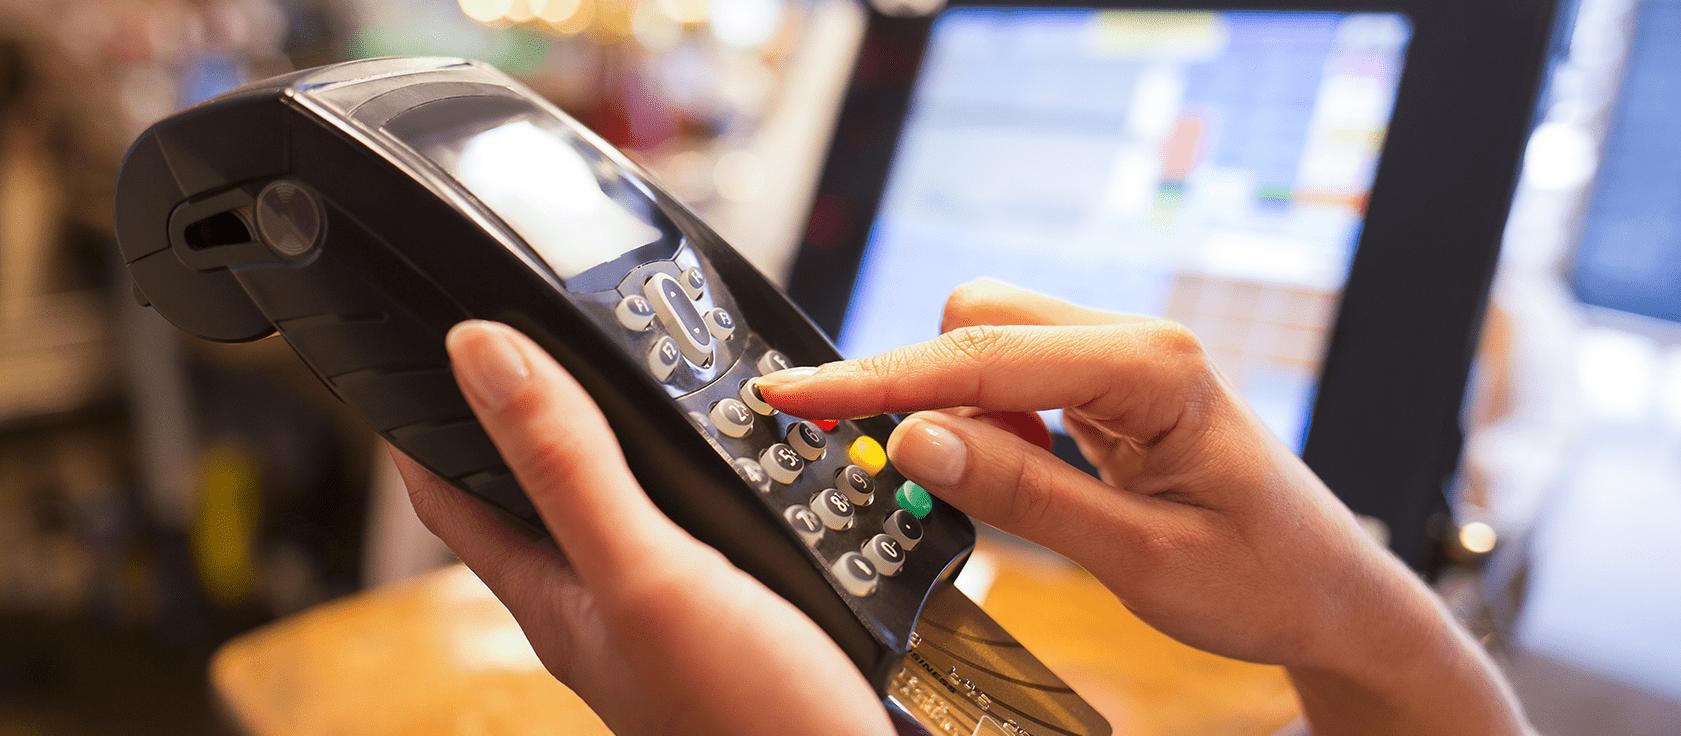 Nowoczesne narzędzia przedsiębiorcy #1: płatności bezgotówkowe